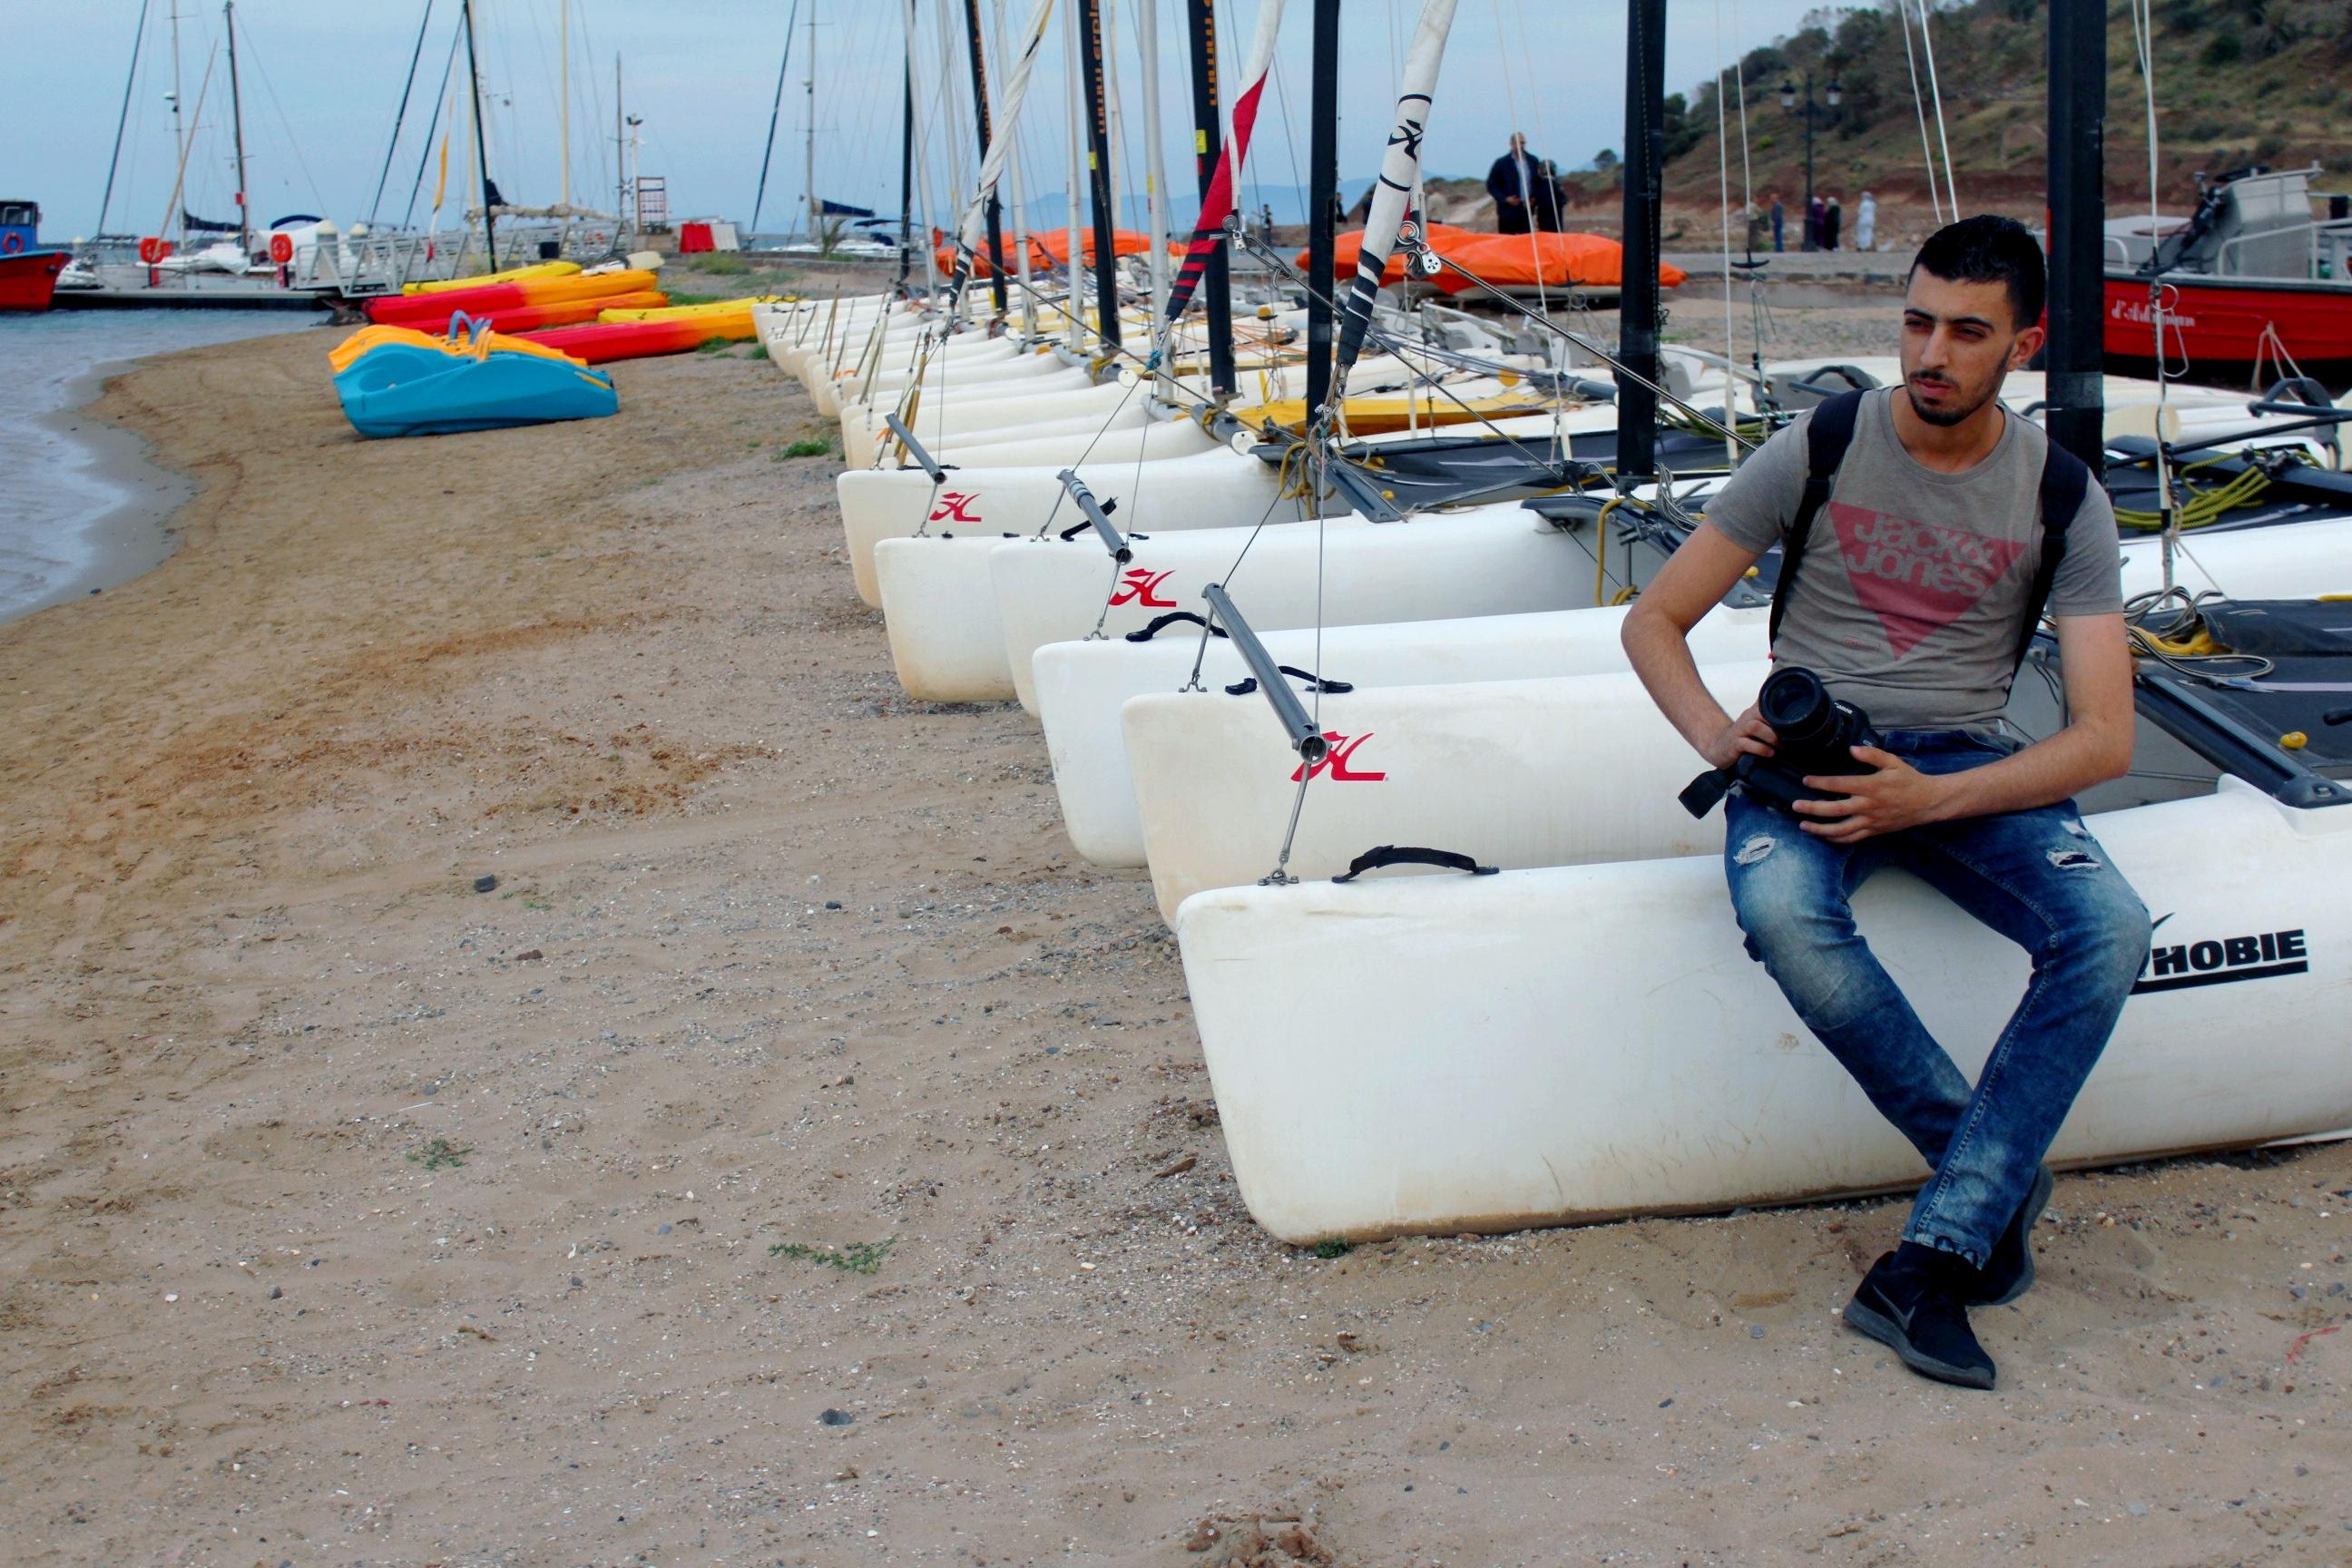 يوسف عرباج يكتب:عذرا أيها العيد فالريف كله حزين